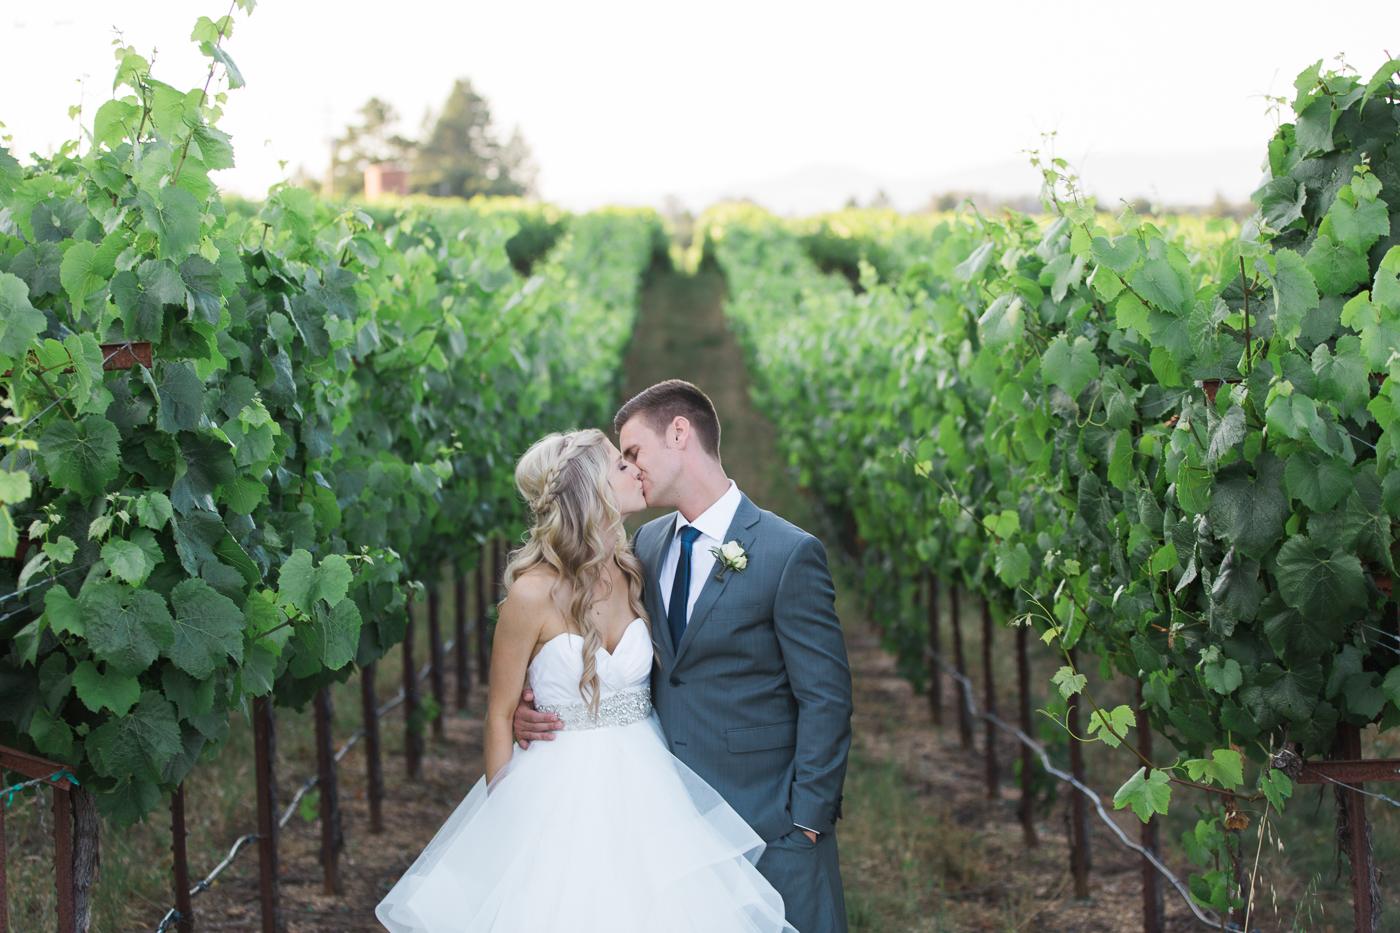 VINE_HILL_HOUSE_WEDDING_SEBASTOPOL-115.jpg